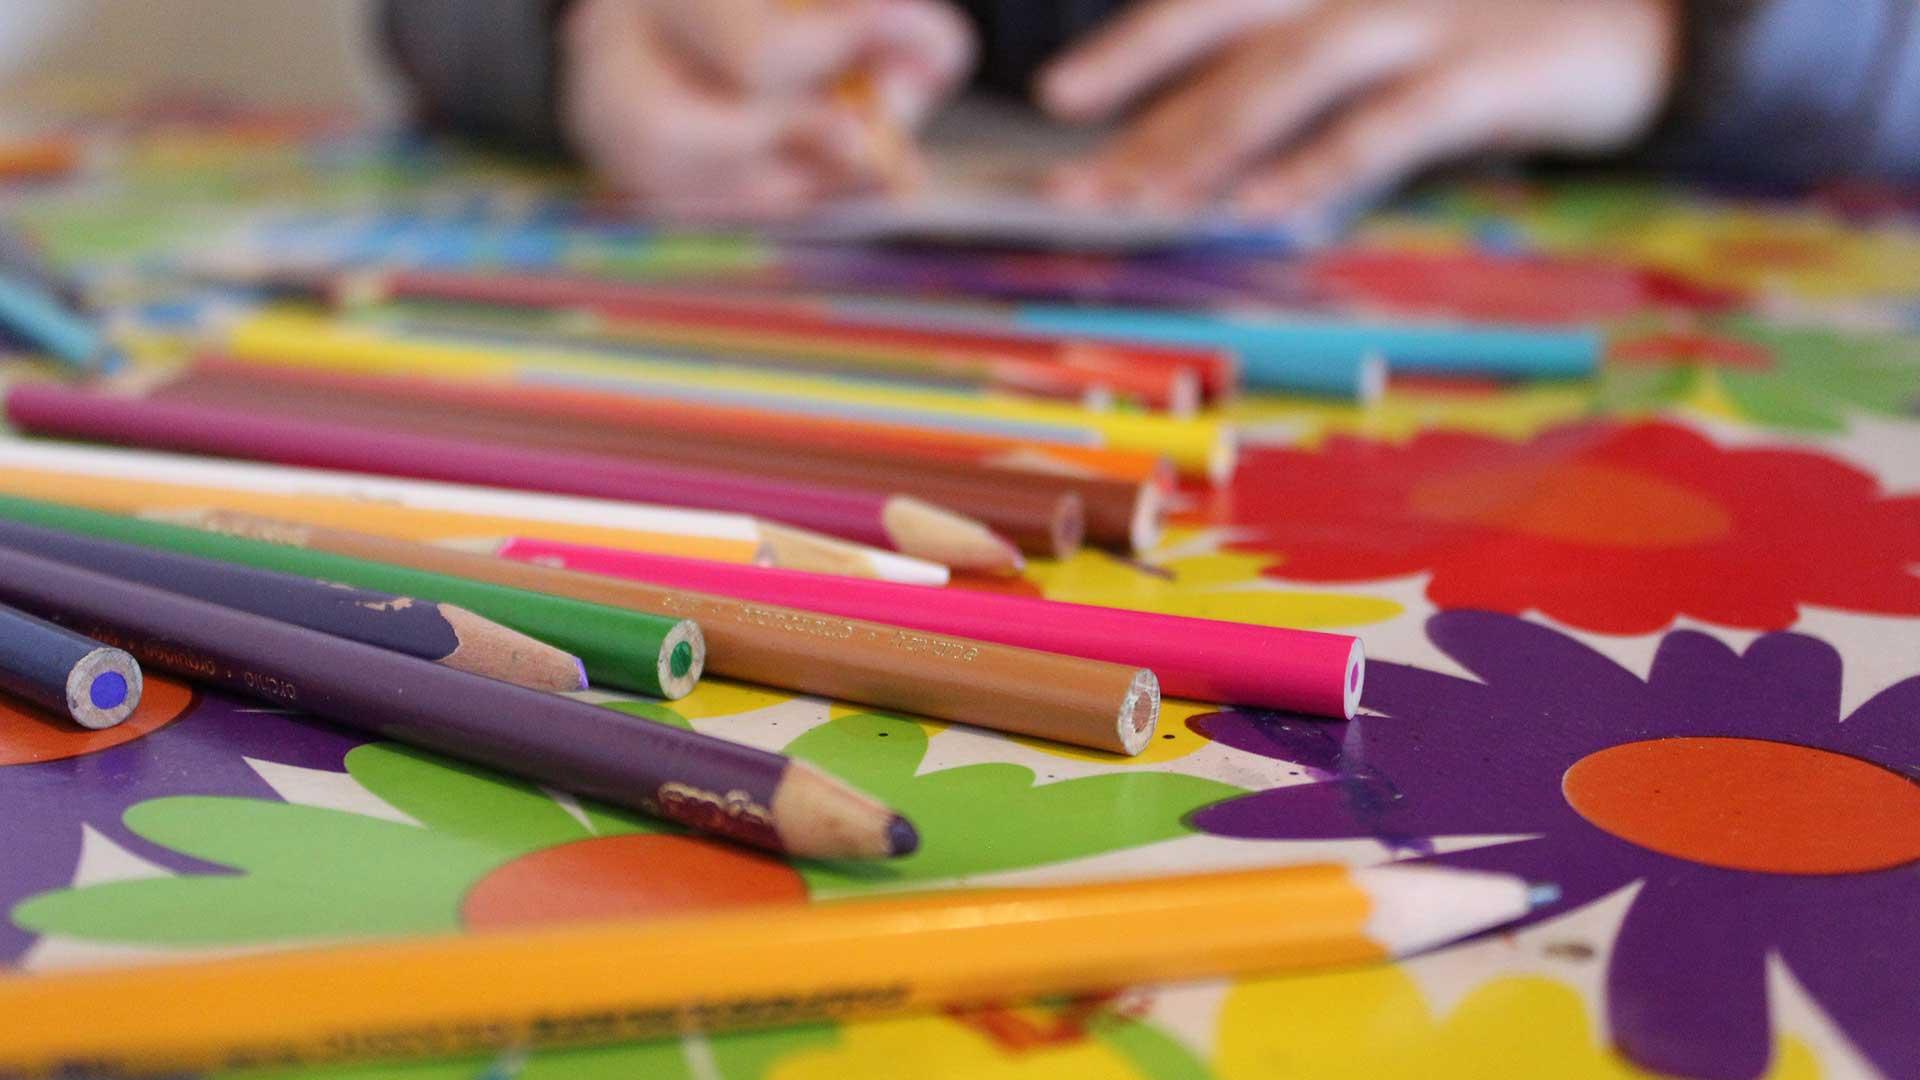 Pencil crayons close up